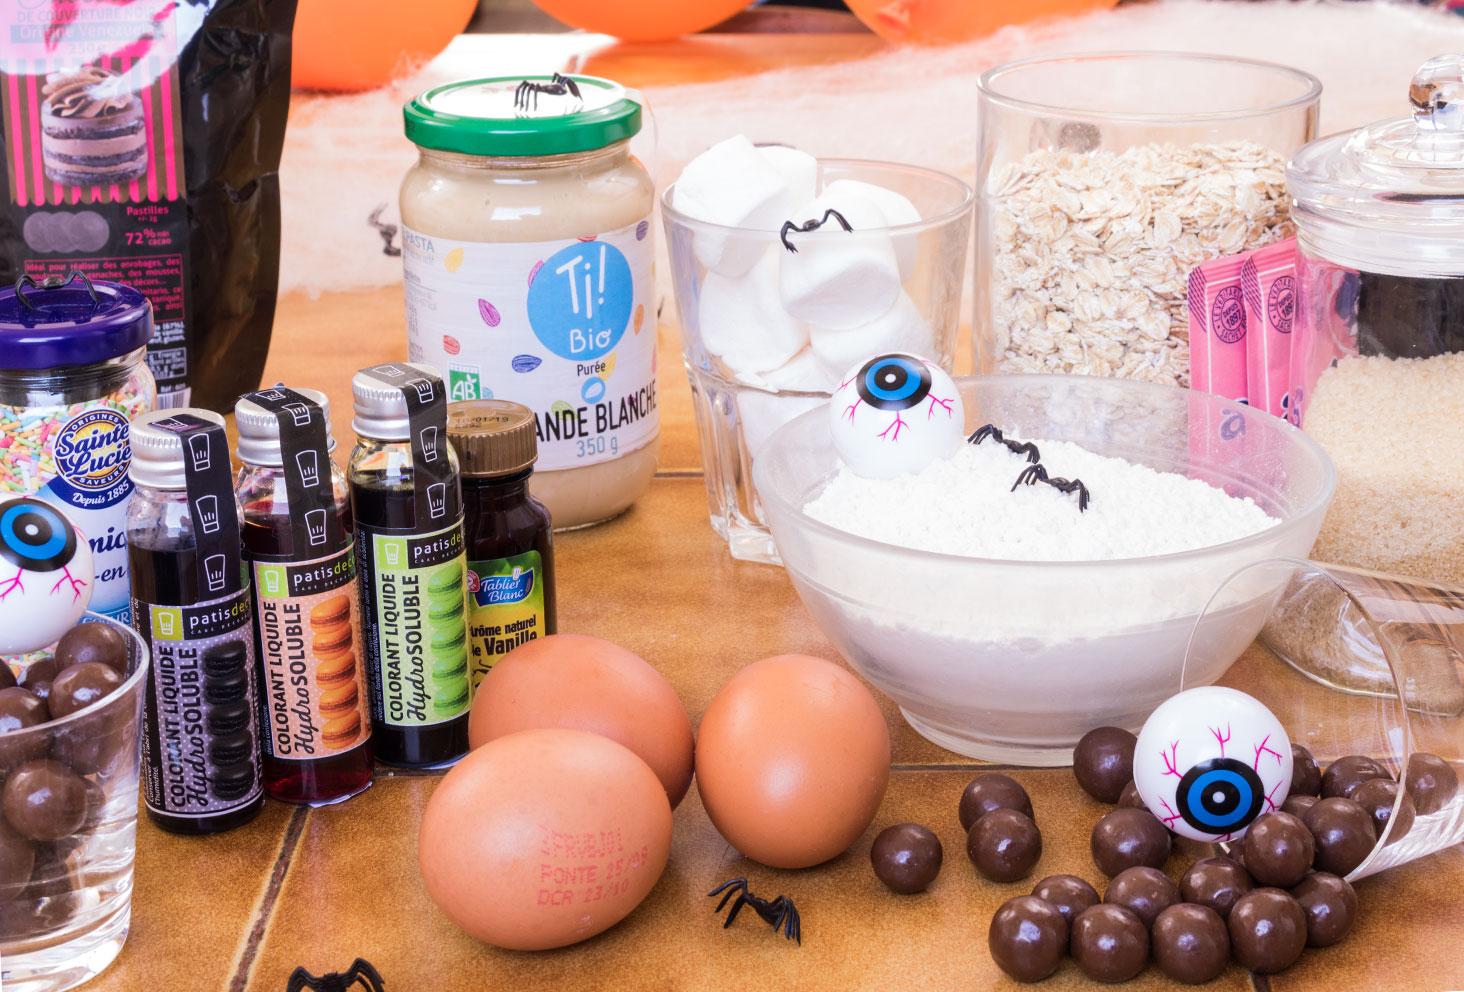 Ensemble des ingrédients nécessaires à la réalisation du goûter d'Halloween